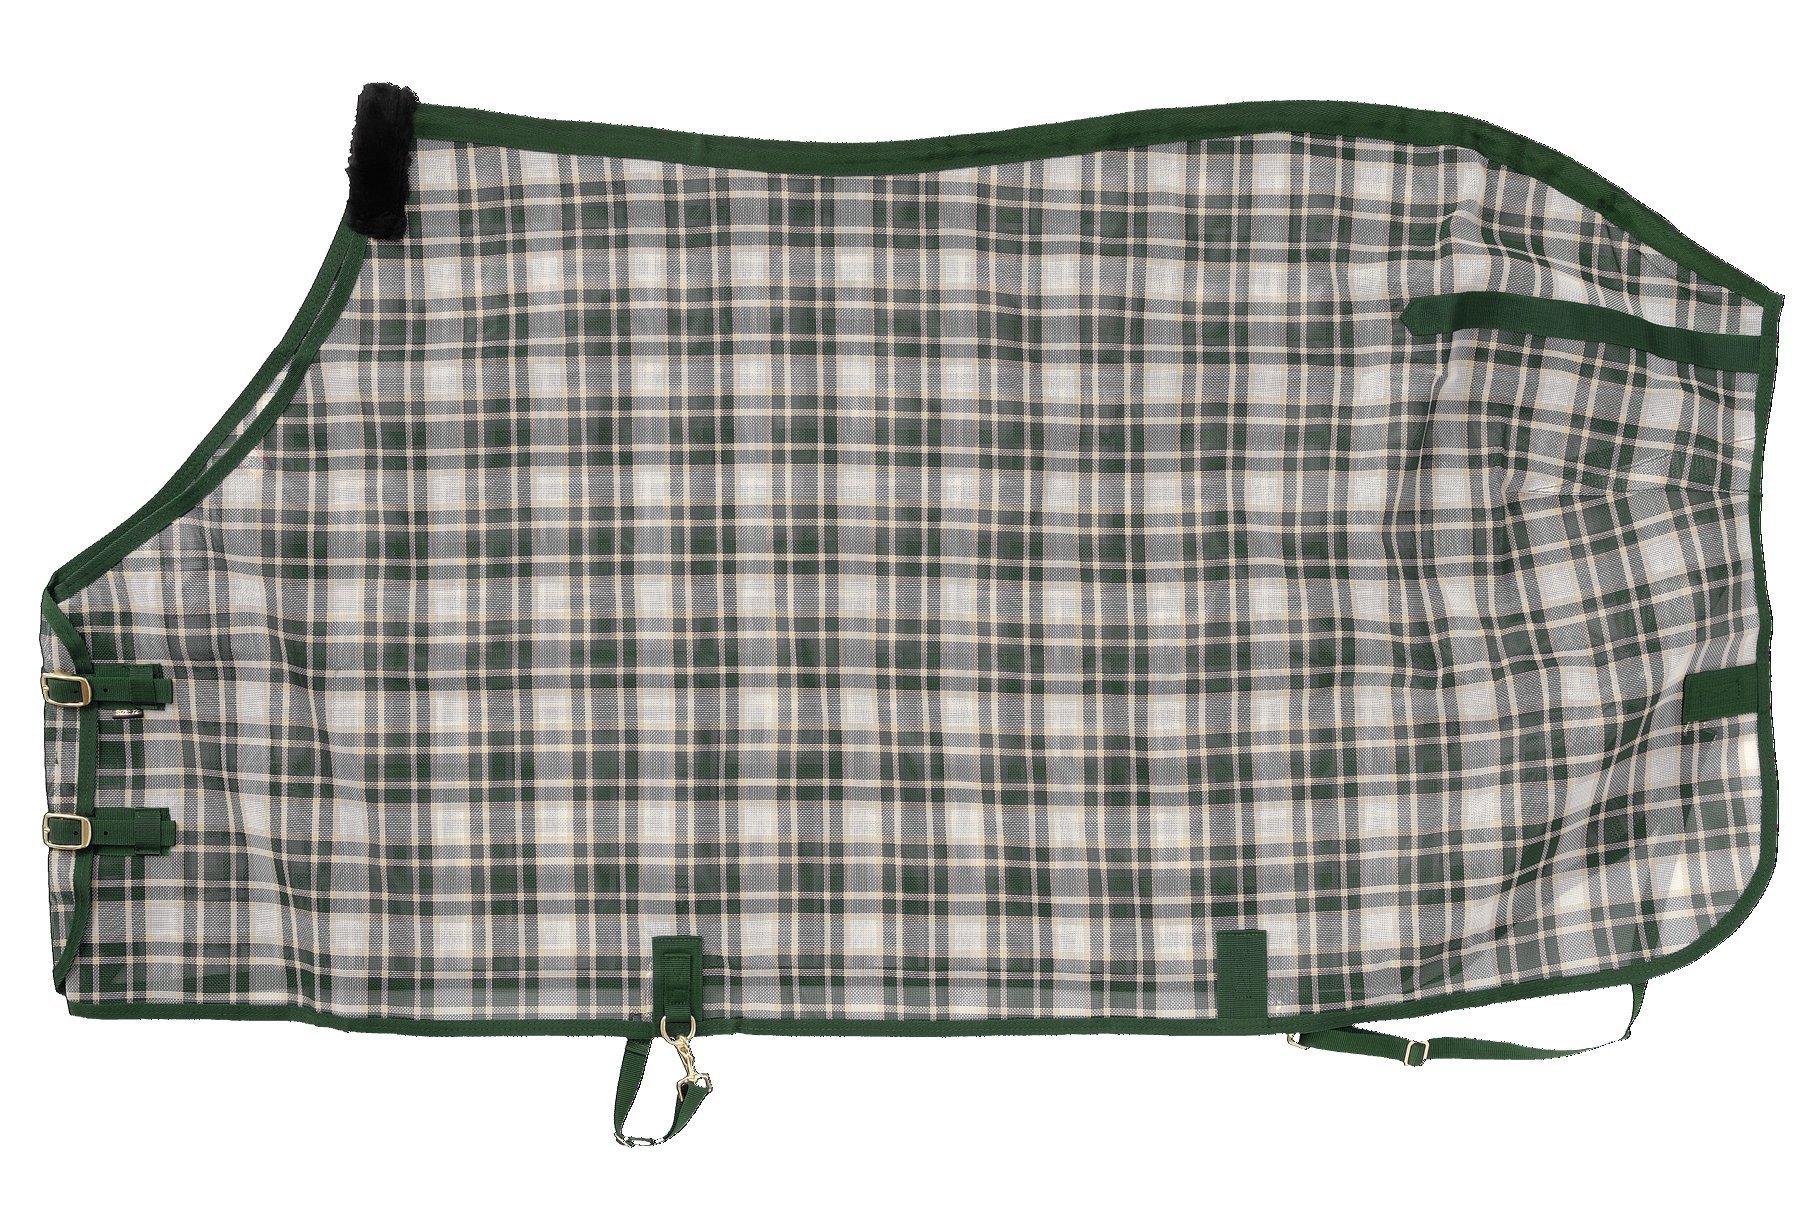 Tough 1 PVC Coated Mesh Tri-Shield Fly Sheet, Hunter Green, 81''